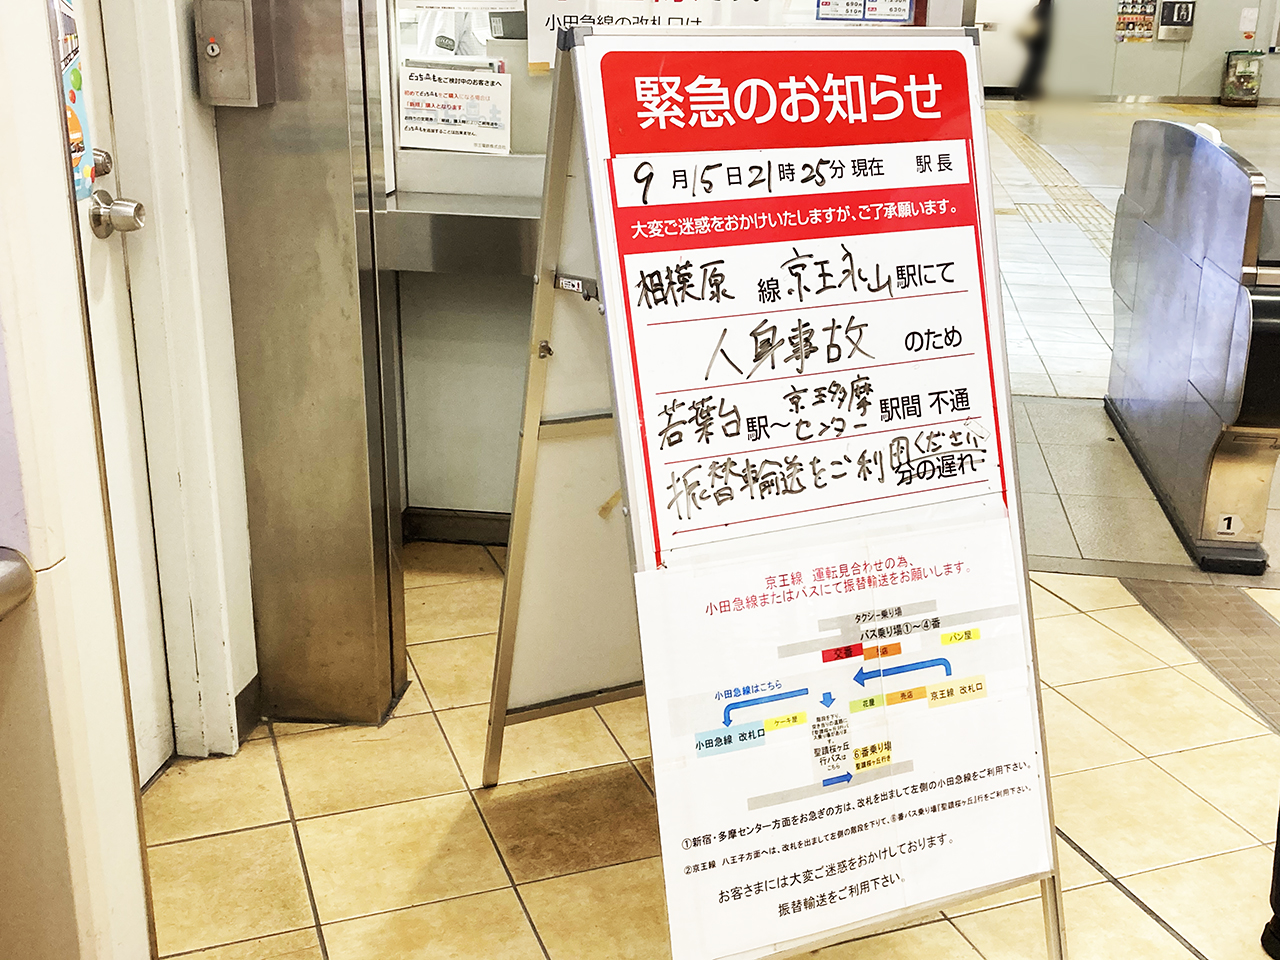 京王永山駅発生の人身事故・午後10時34分ごろ運転再開し現在平常運転に